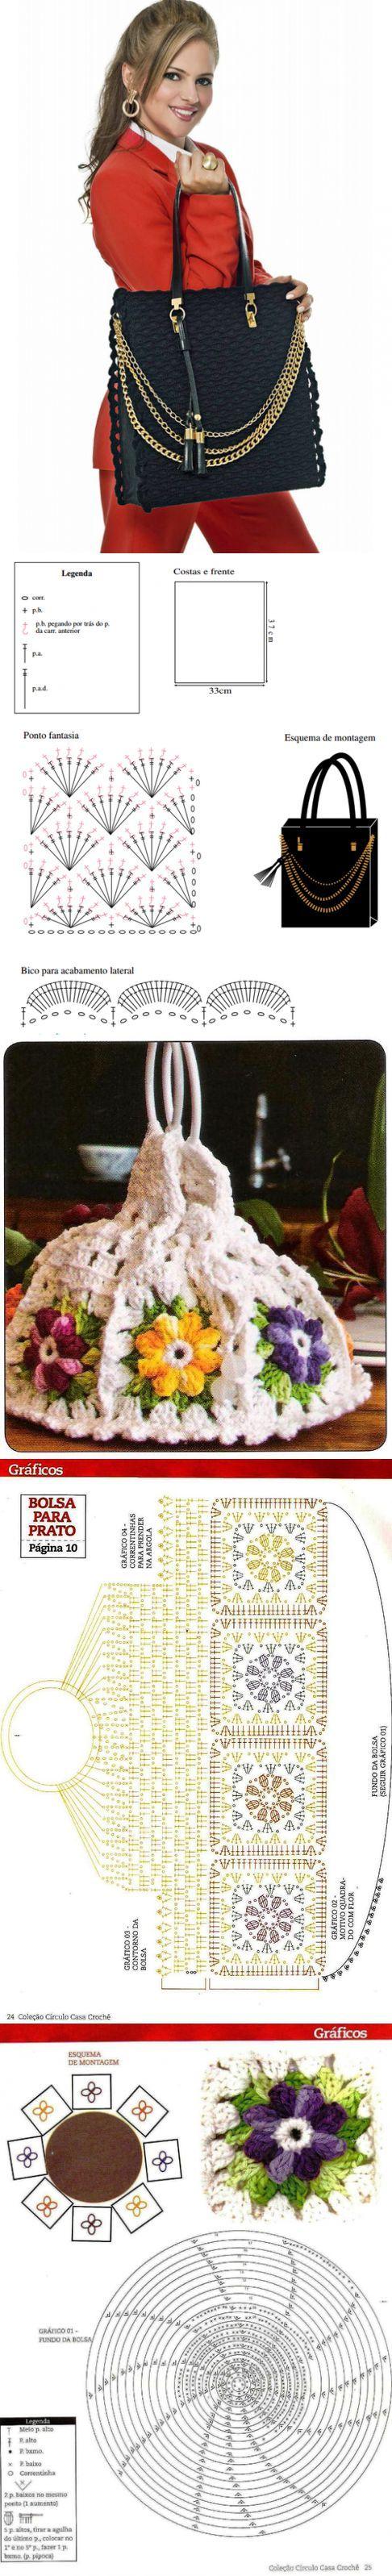 Вязаные сумки - Мир-творческие